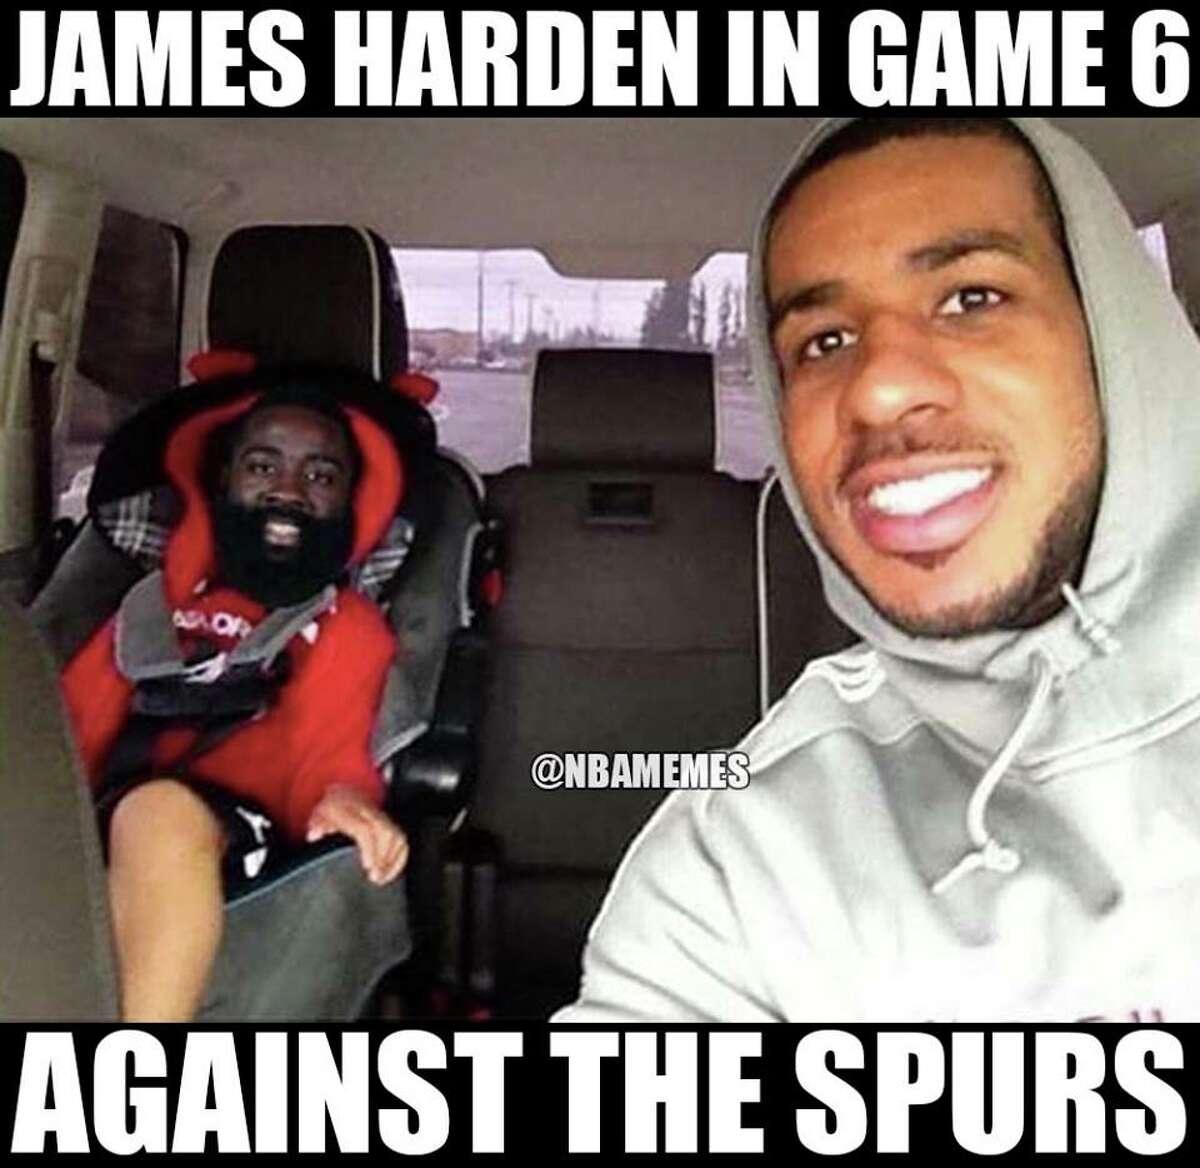 Source: NBA memes